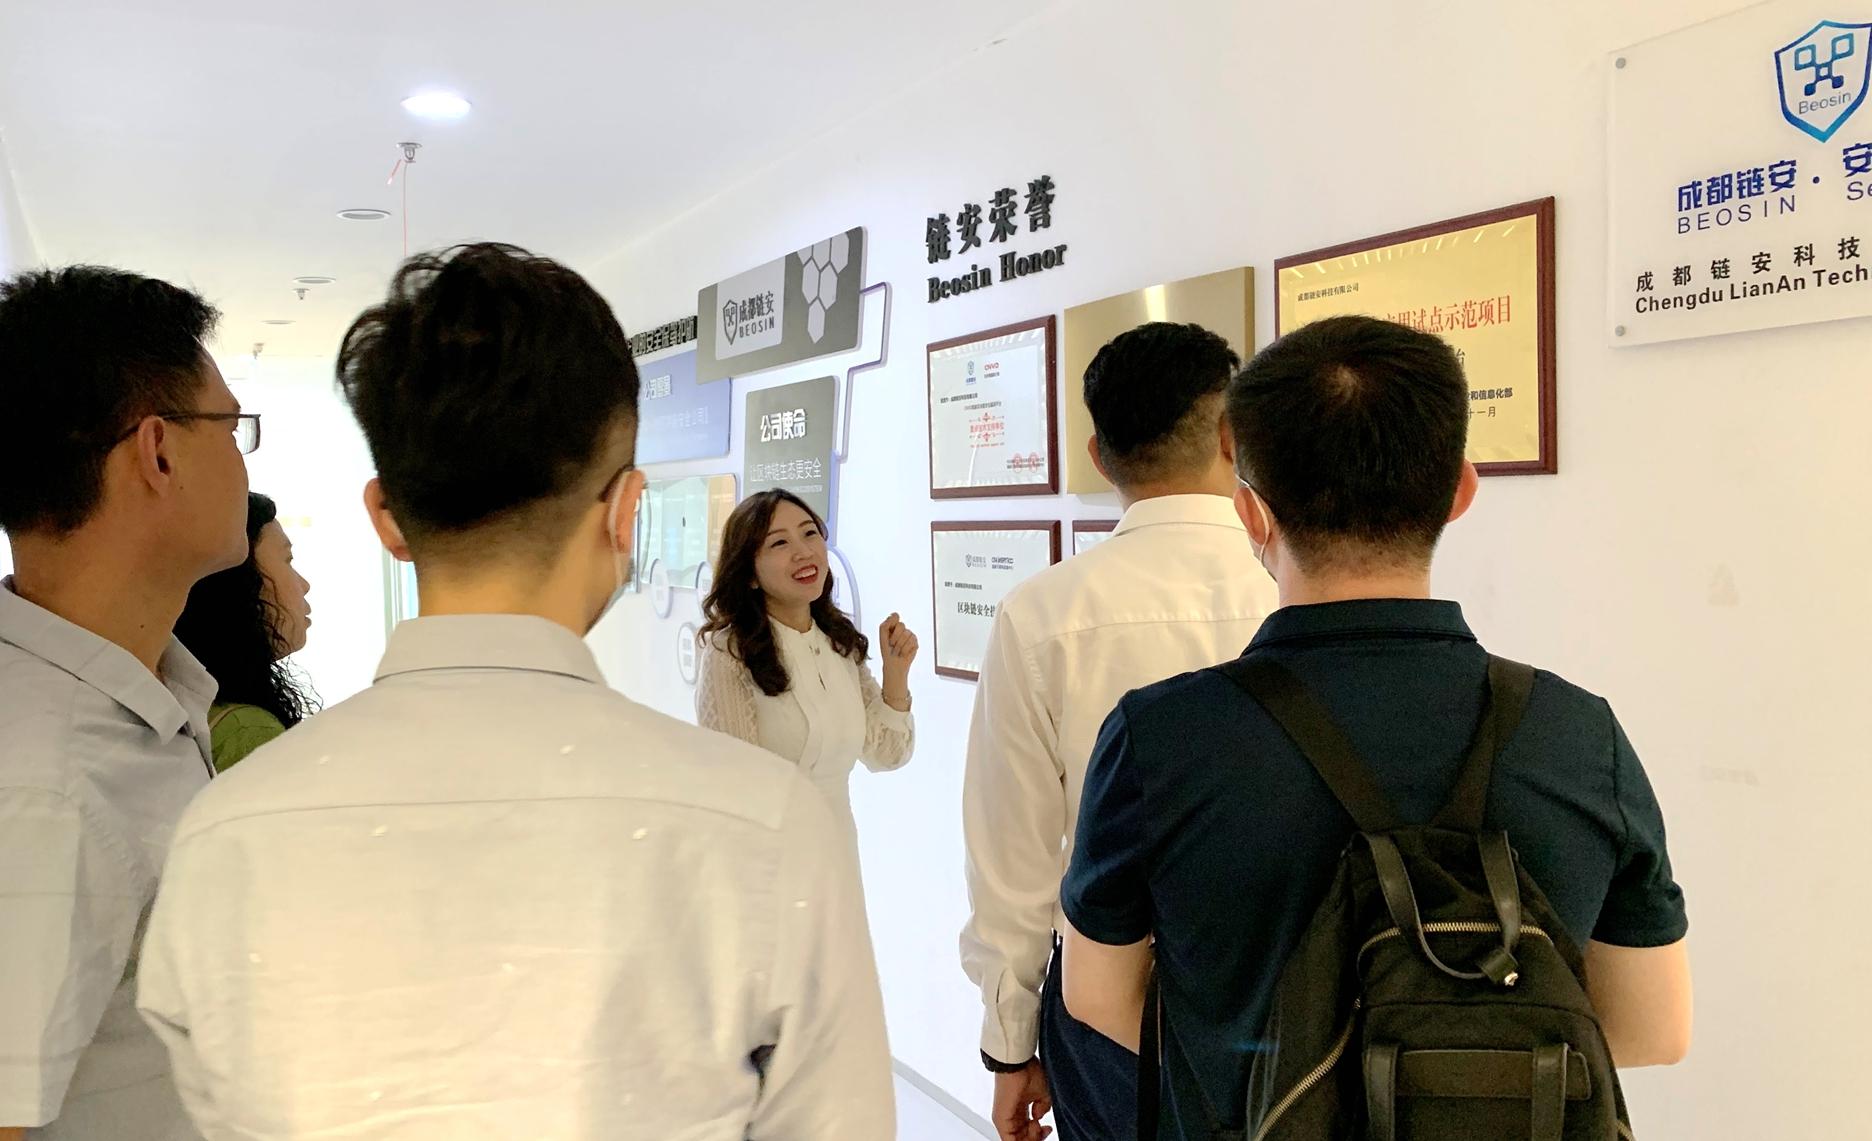 聚焦生态合作 共谋发展新篇 | 上海临港投促中心一行赴成都链安参观交流